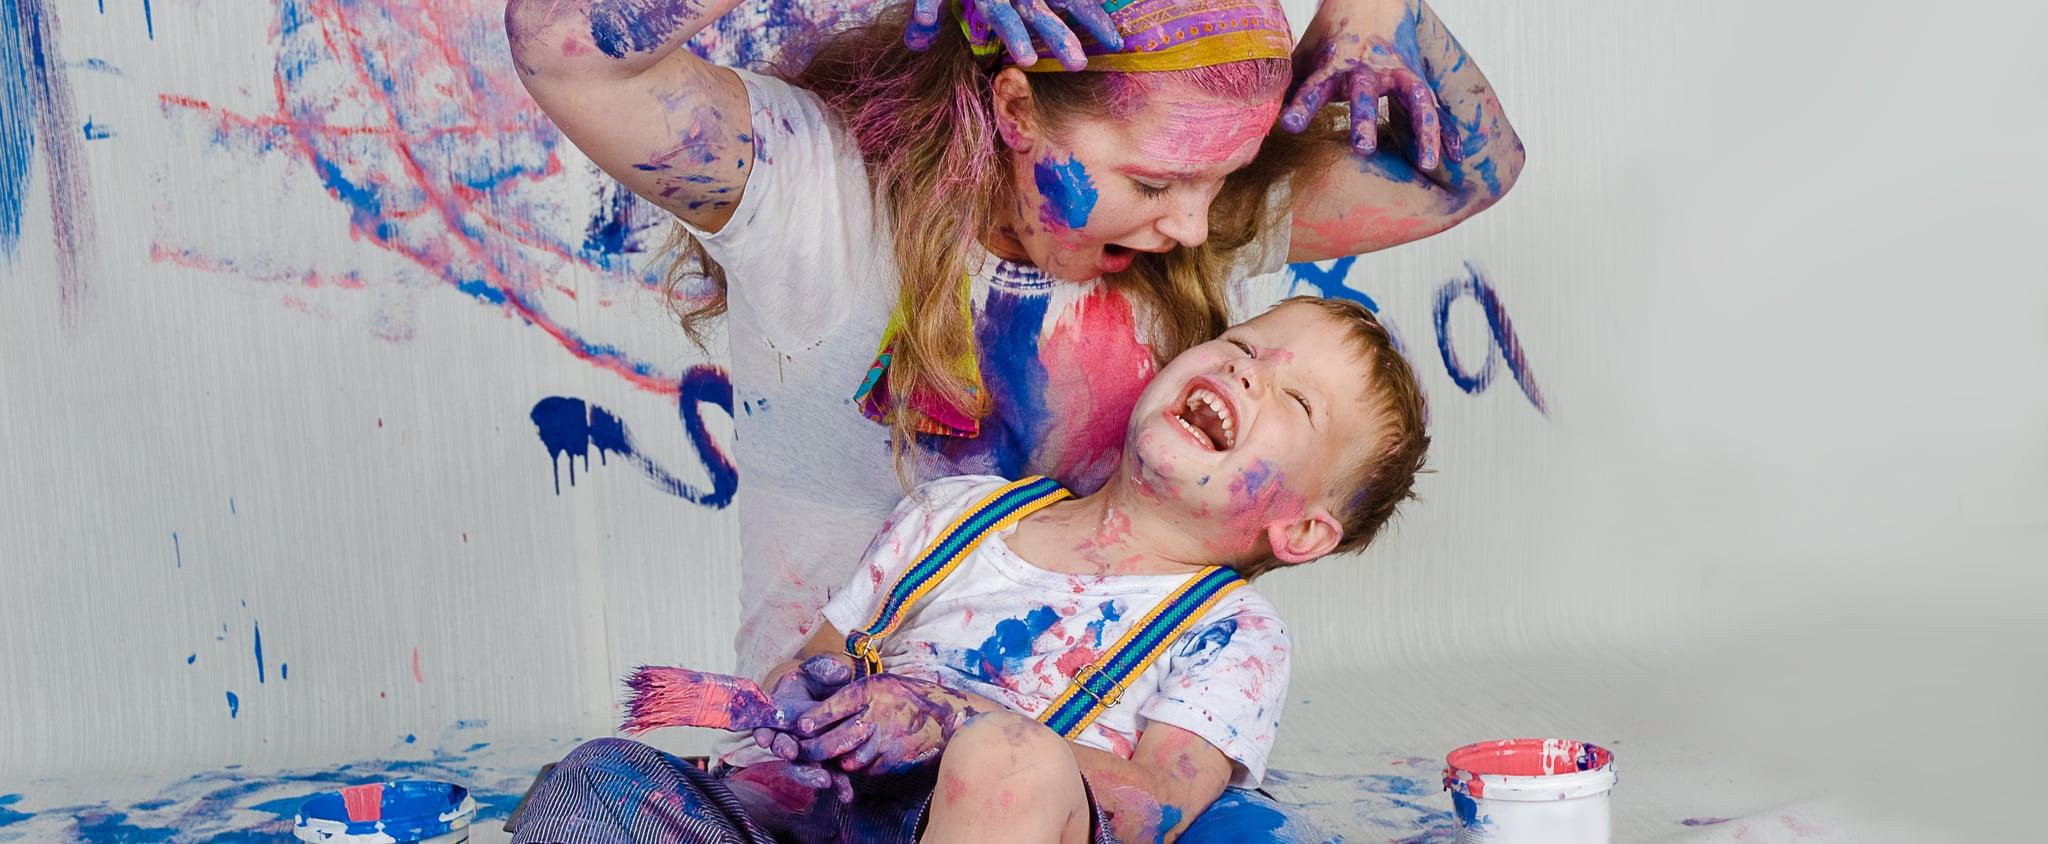 أفضل طريقة لإزالة البقع العنيدة والمستعصية عن ملابس الأطفال